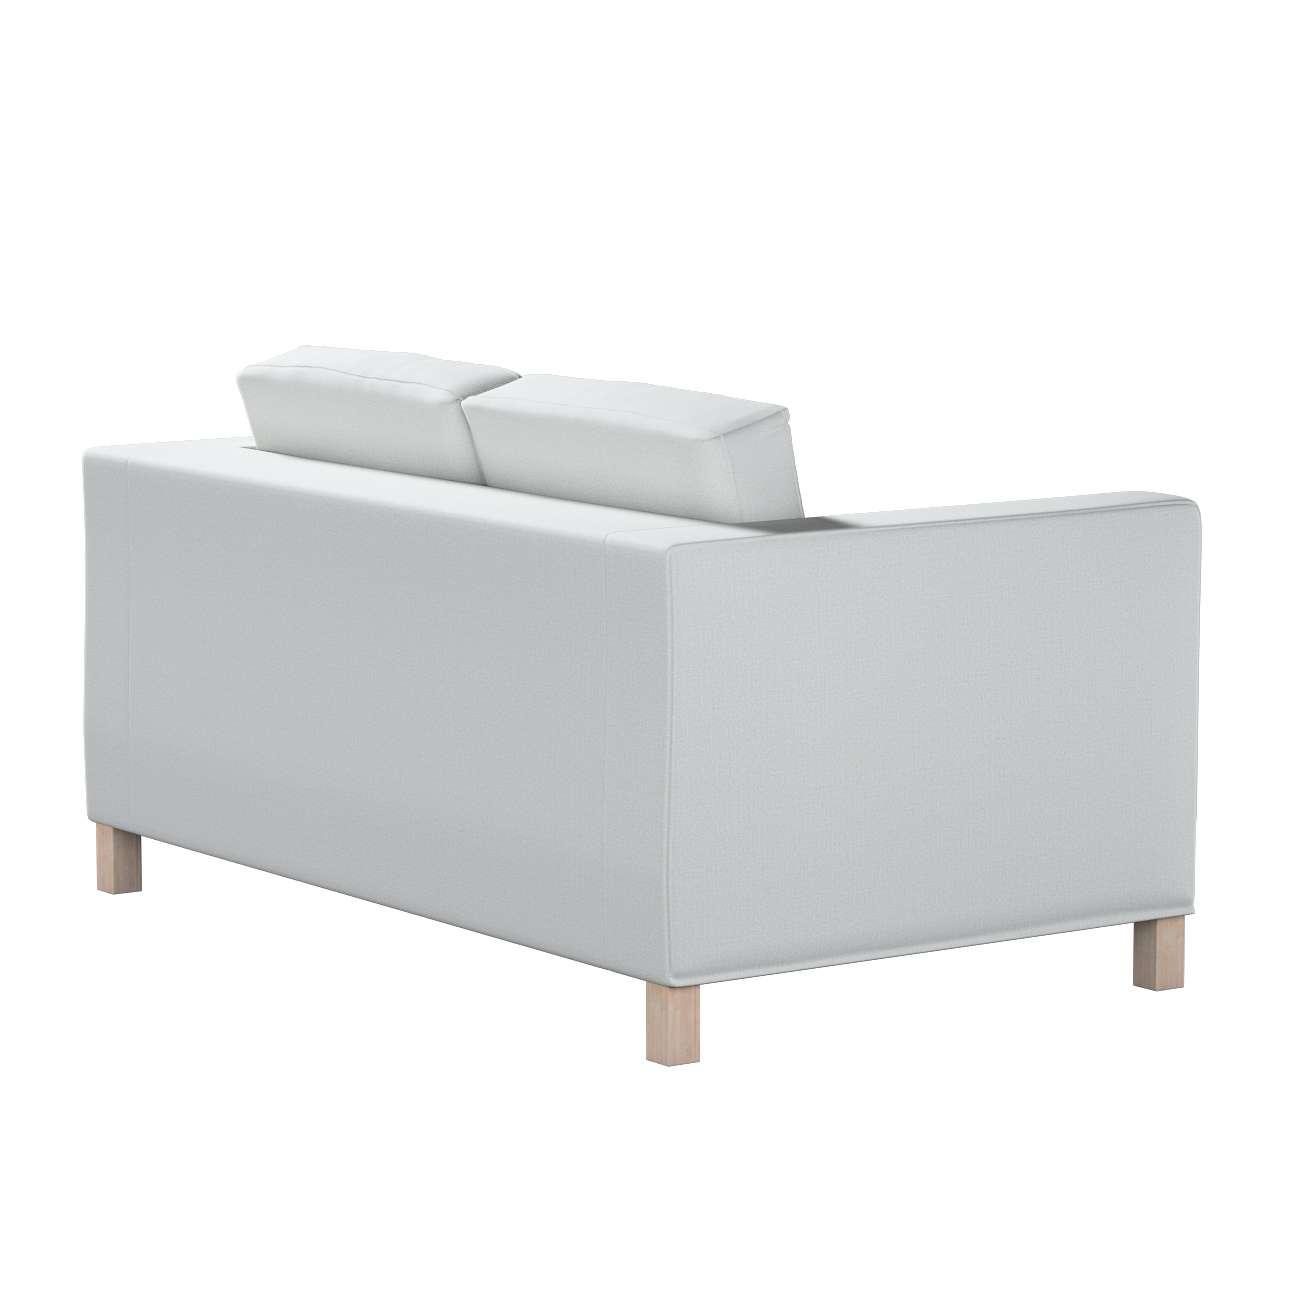 Bezug für Karlanda 2-Sitzer Sofa nicht ausklappbar, kurz von der Kollektion Living II, Stoff: 161-18